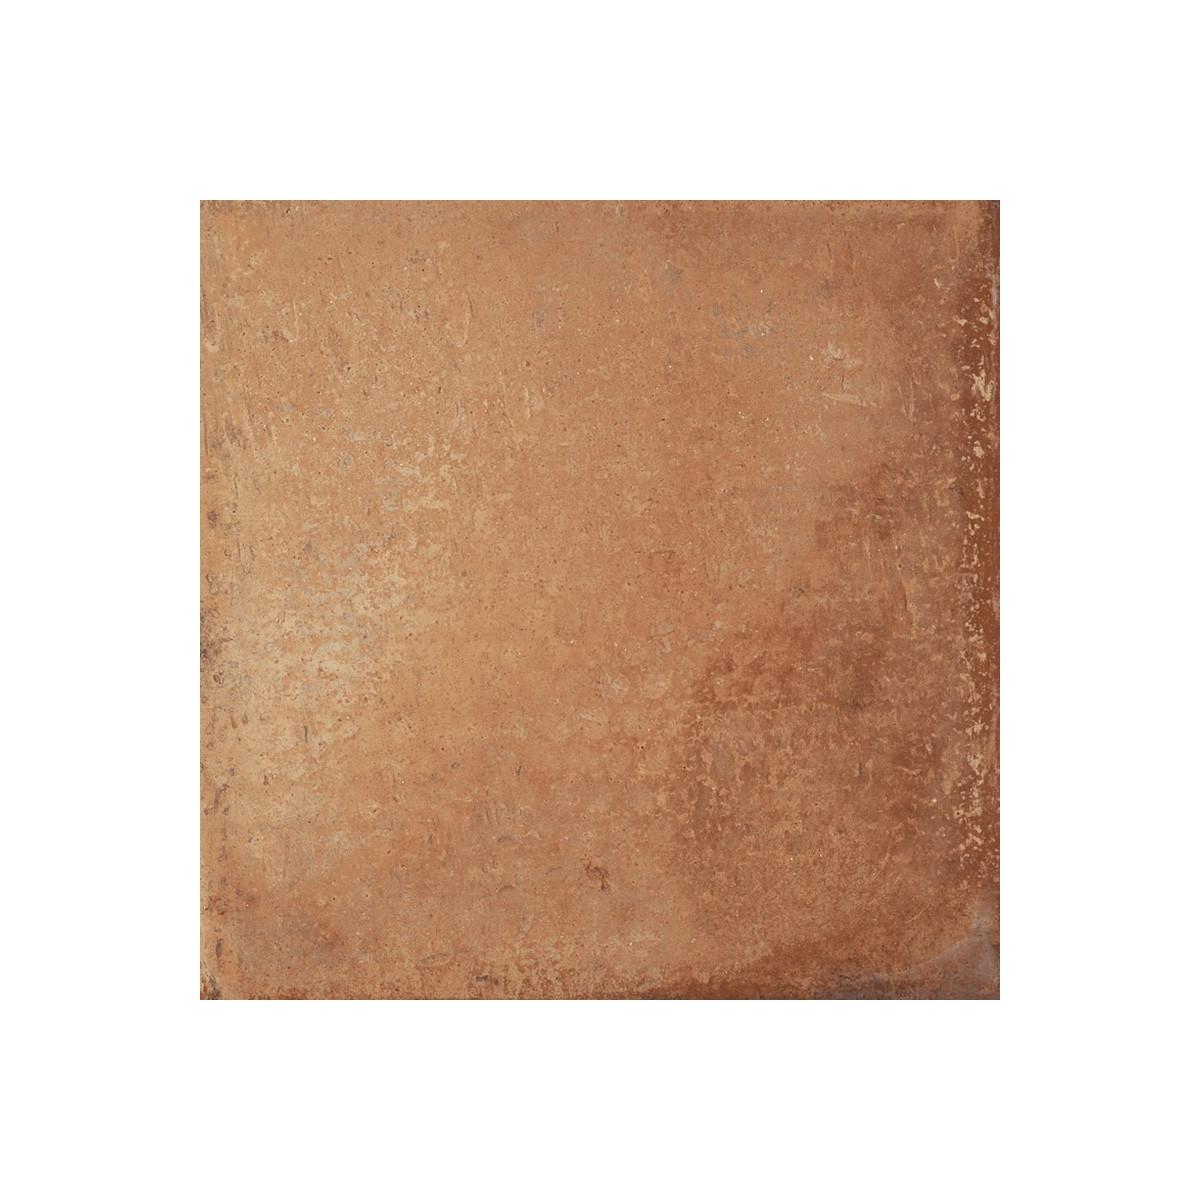 Rustic Cotto Colección Rustic de Gaya Fores